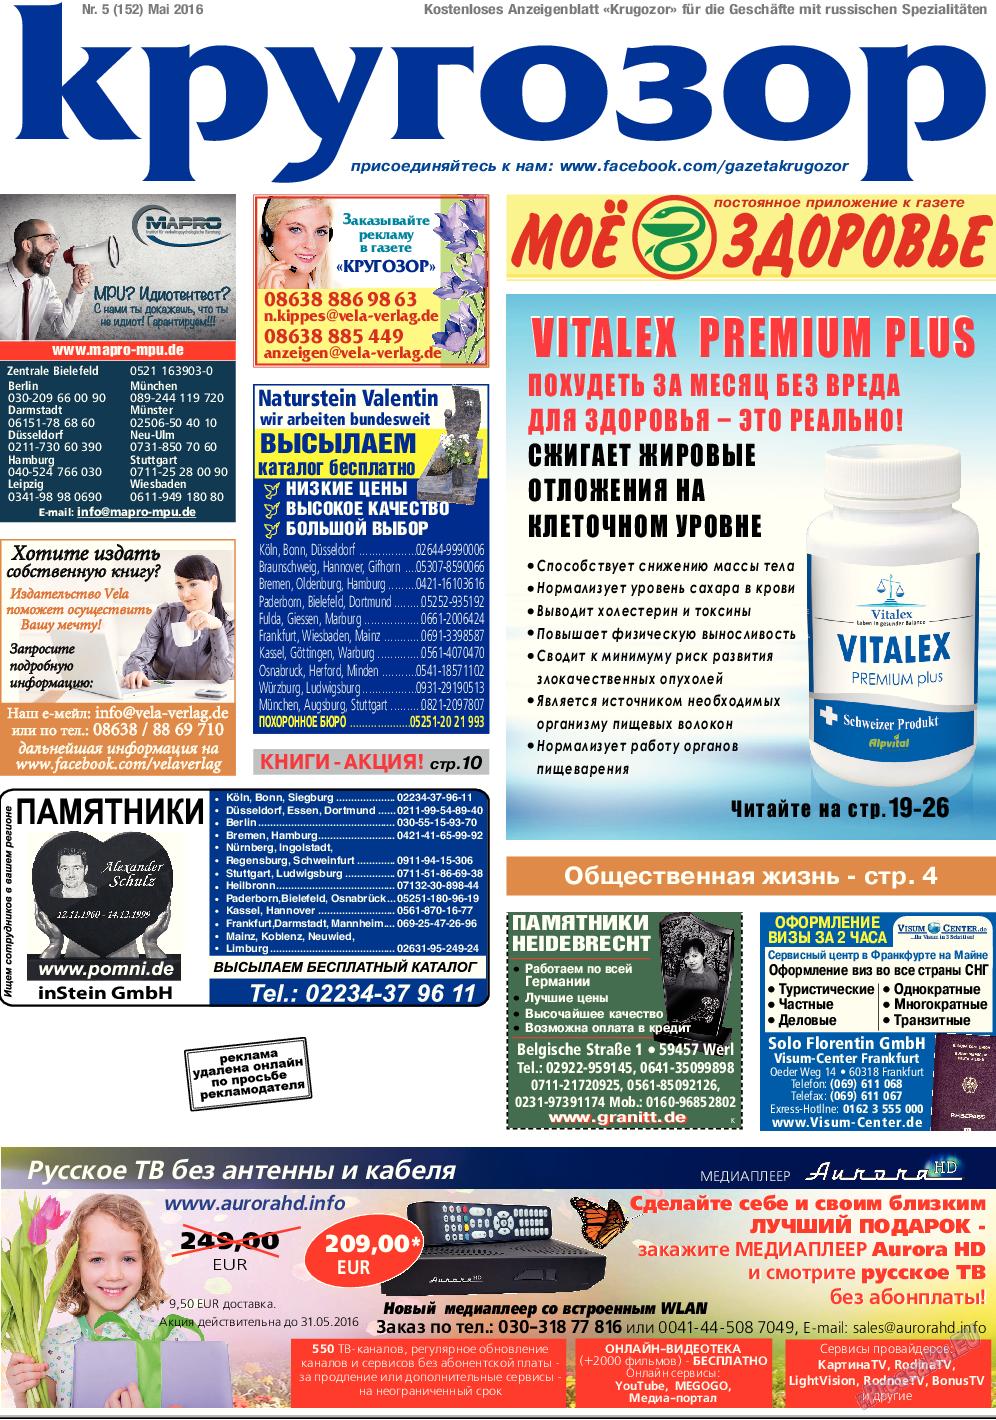 Кругозор (газета). 2016 год, номер 5, стр. 1